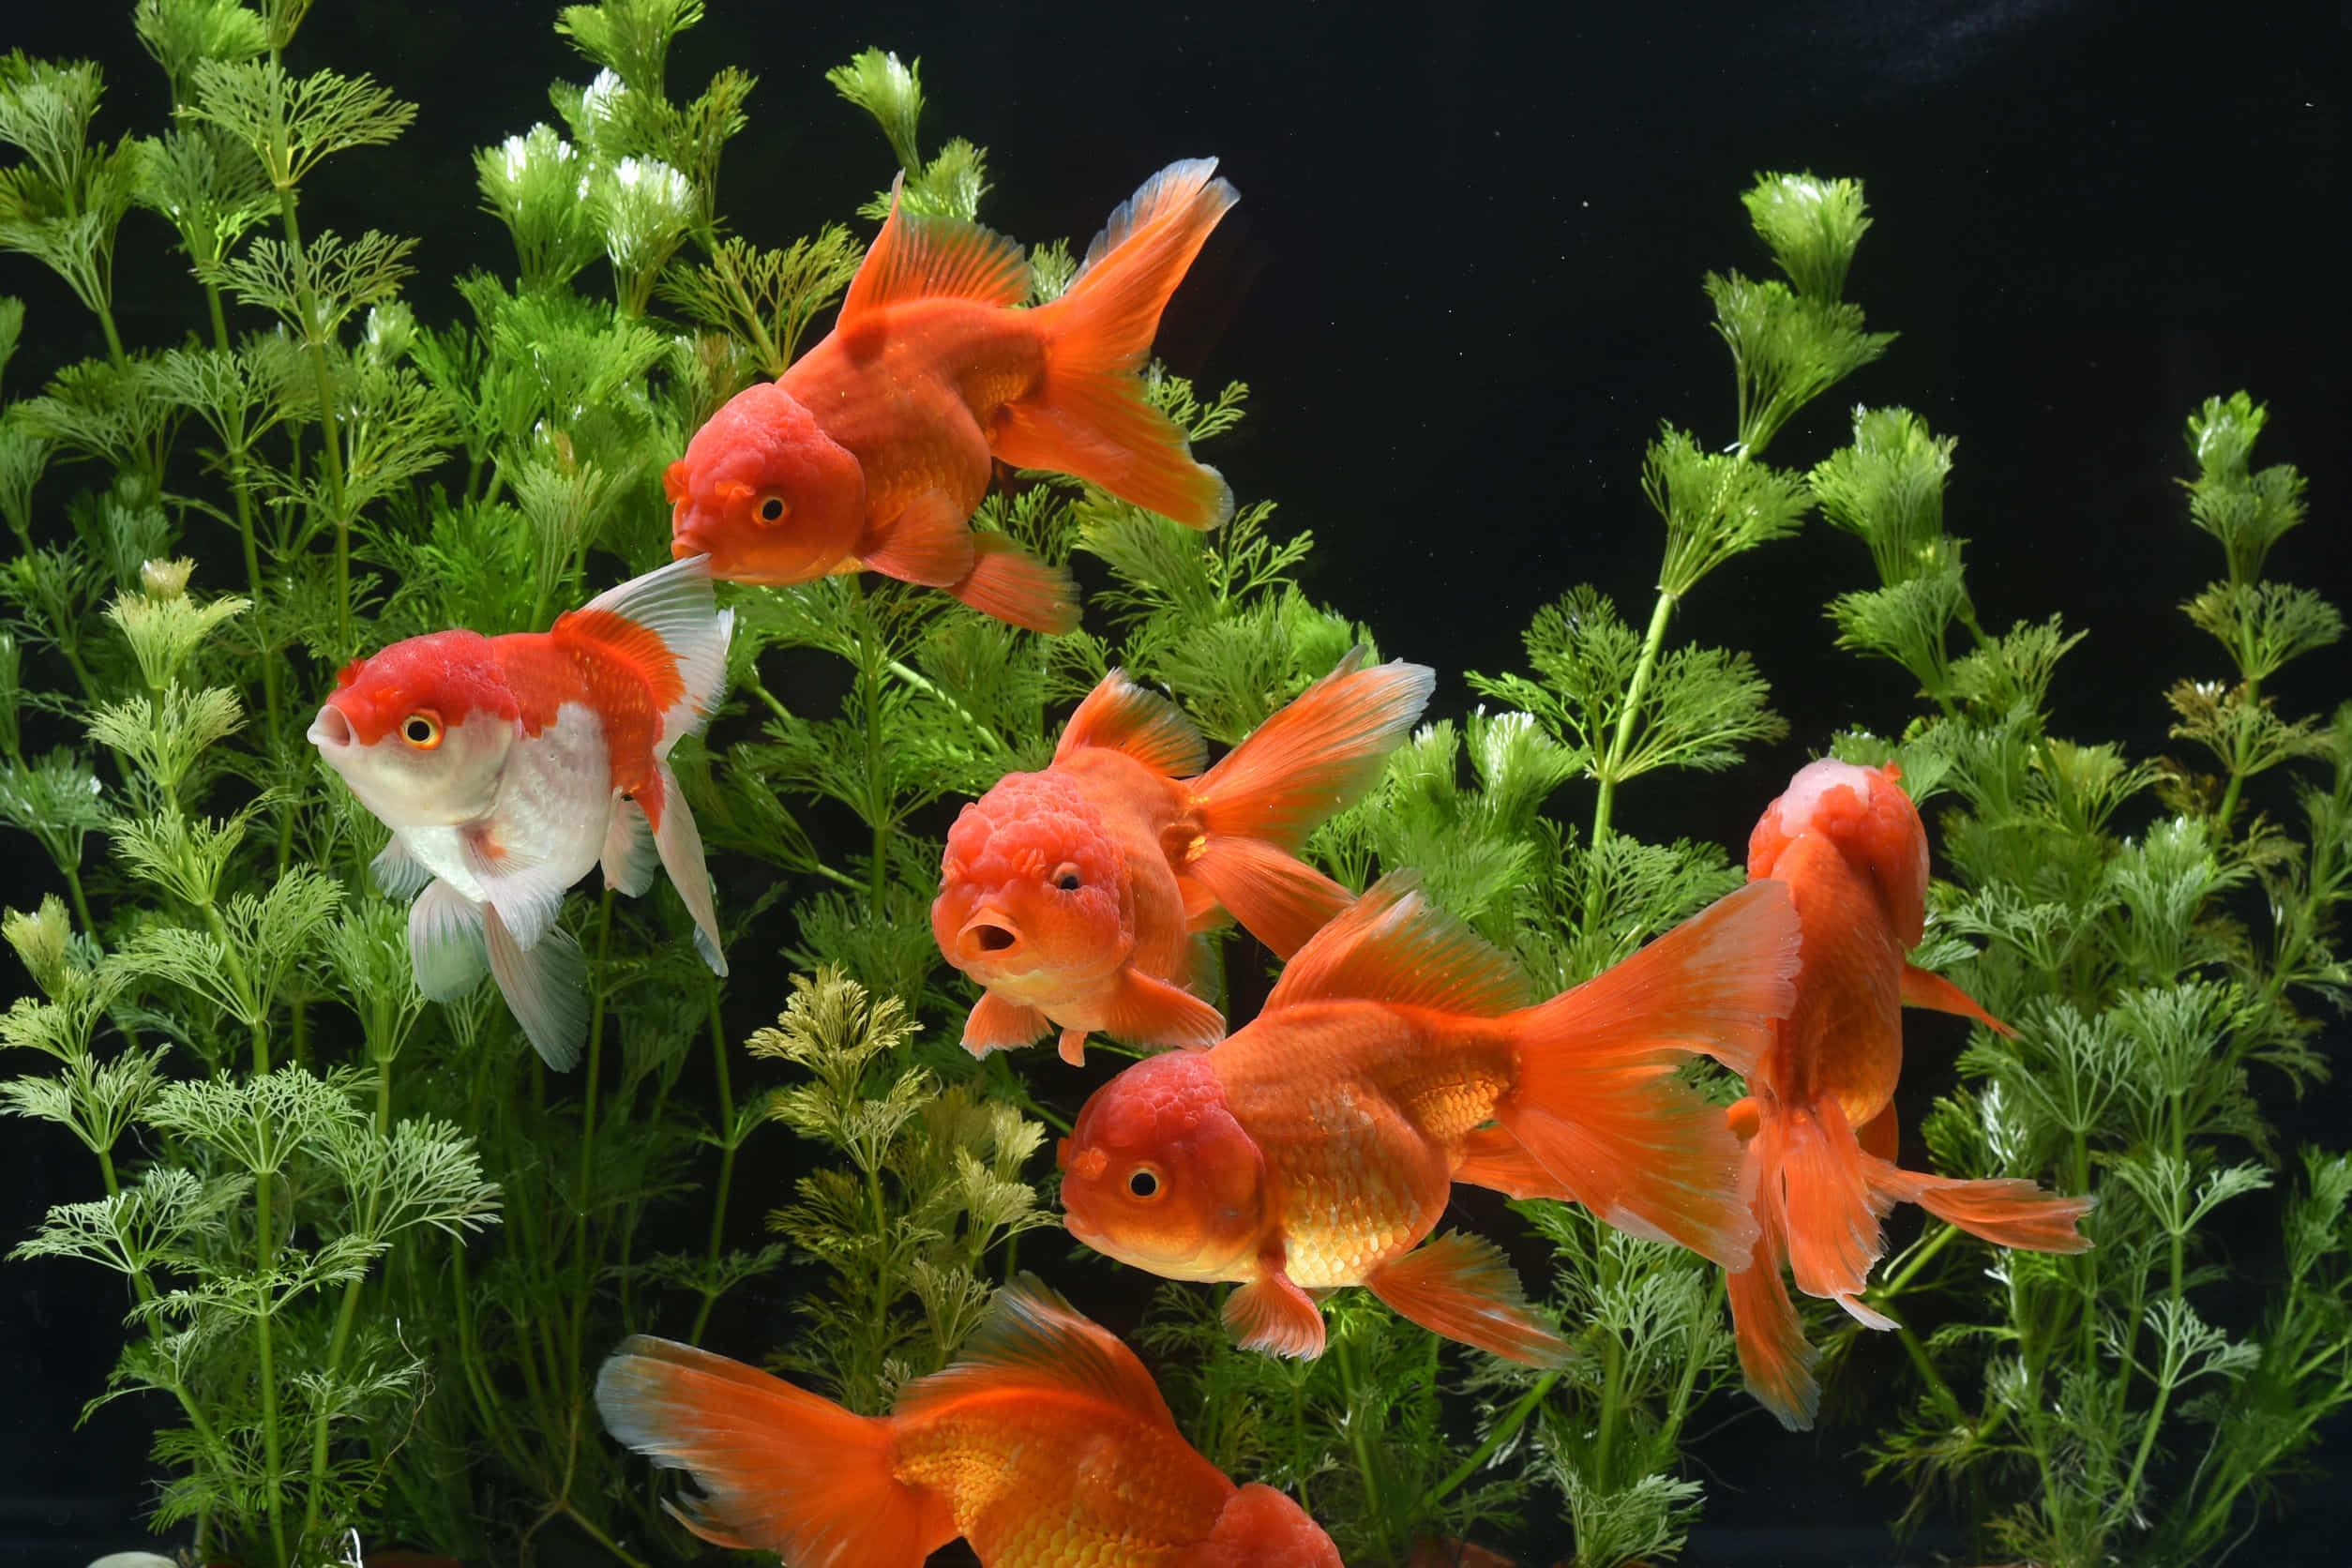 金魚を塩浴させる時の水換えの方法やポイント、注意点をご紹介